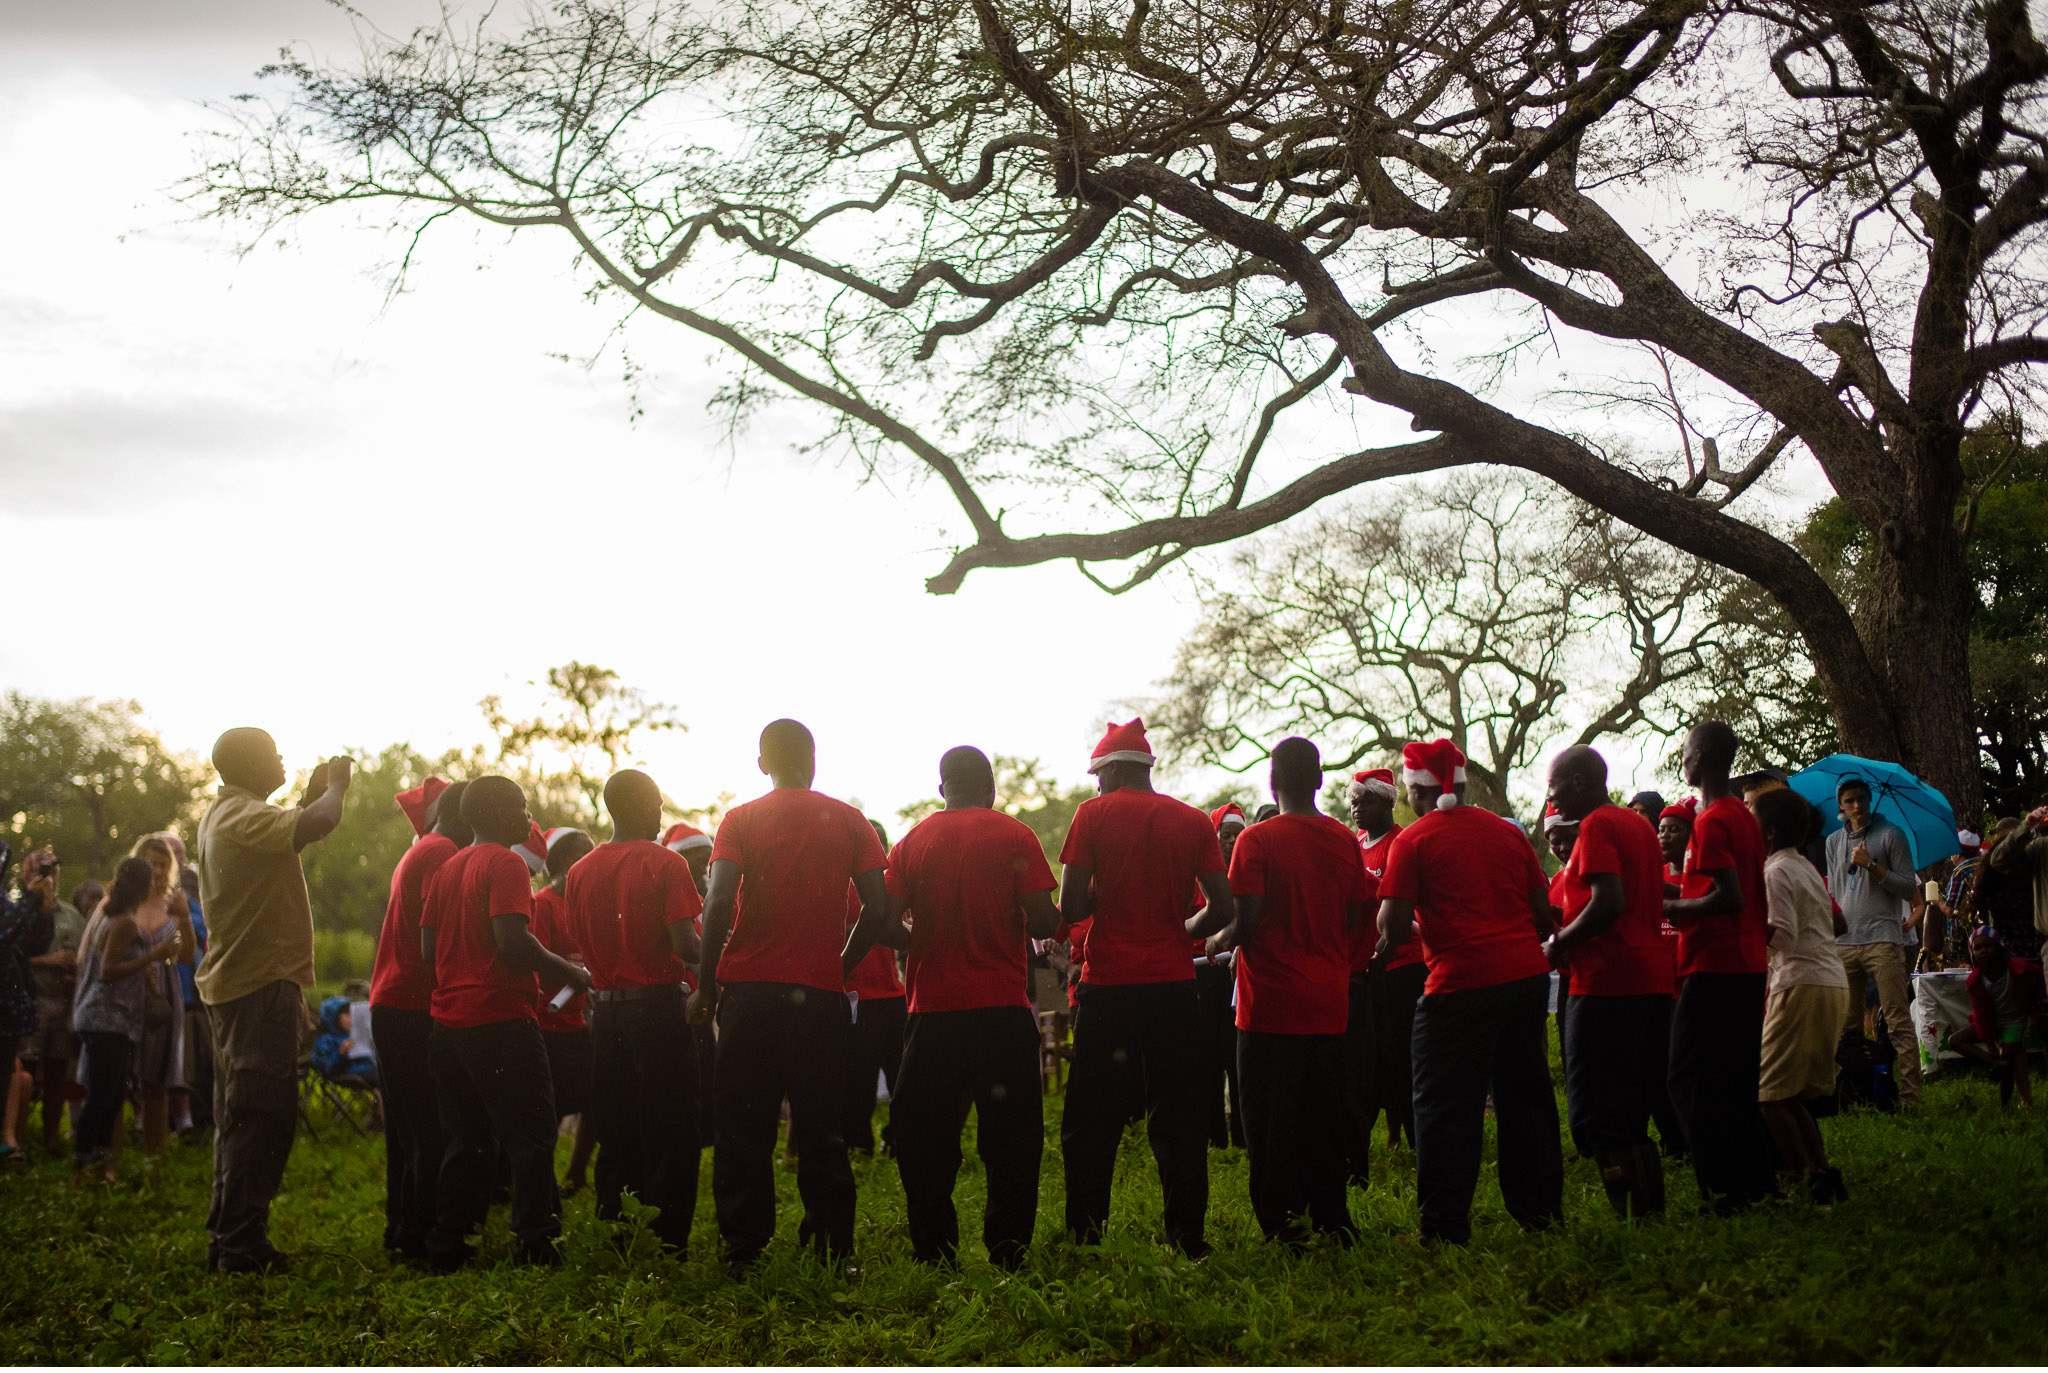 Vom South Luangwa in Zambia an den Malawi See - Marion und Daniel - Geschichten von unterwegs-90